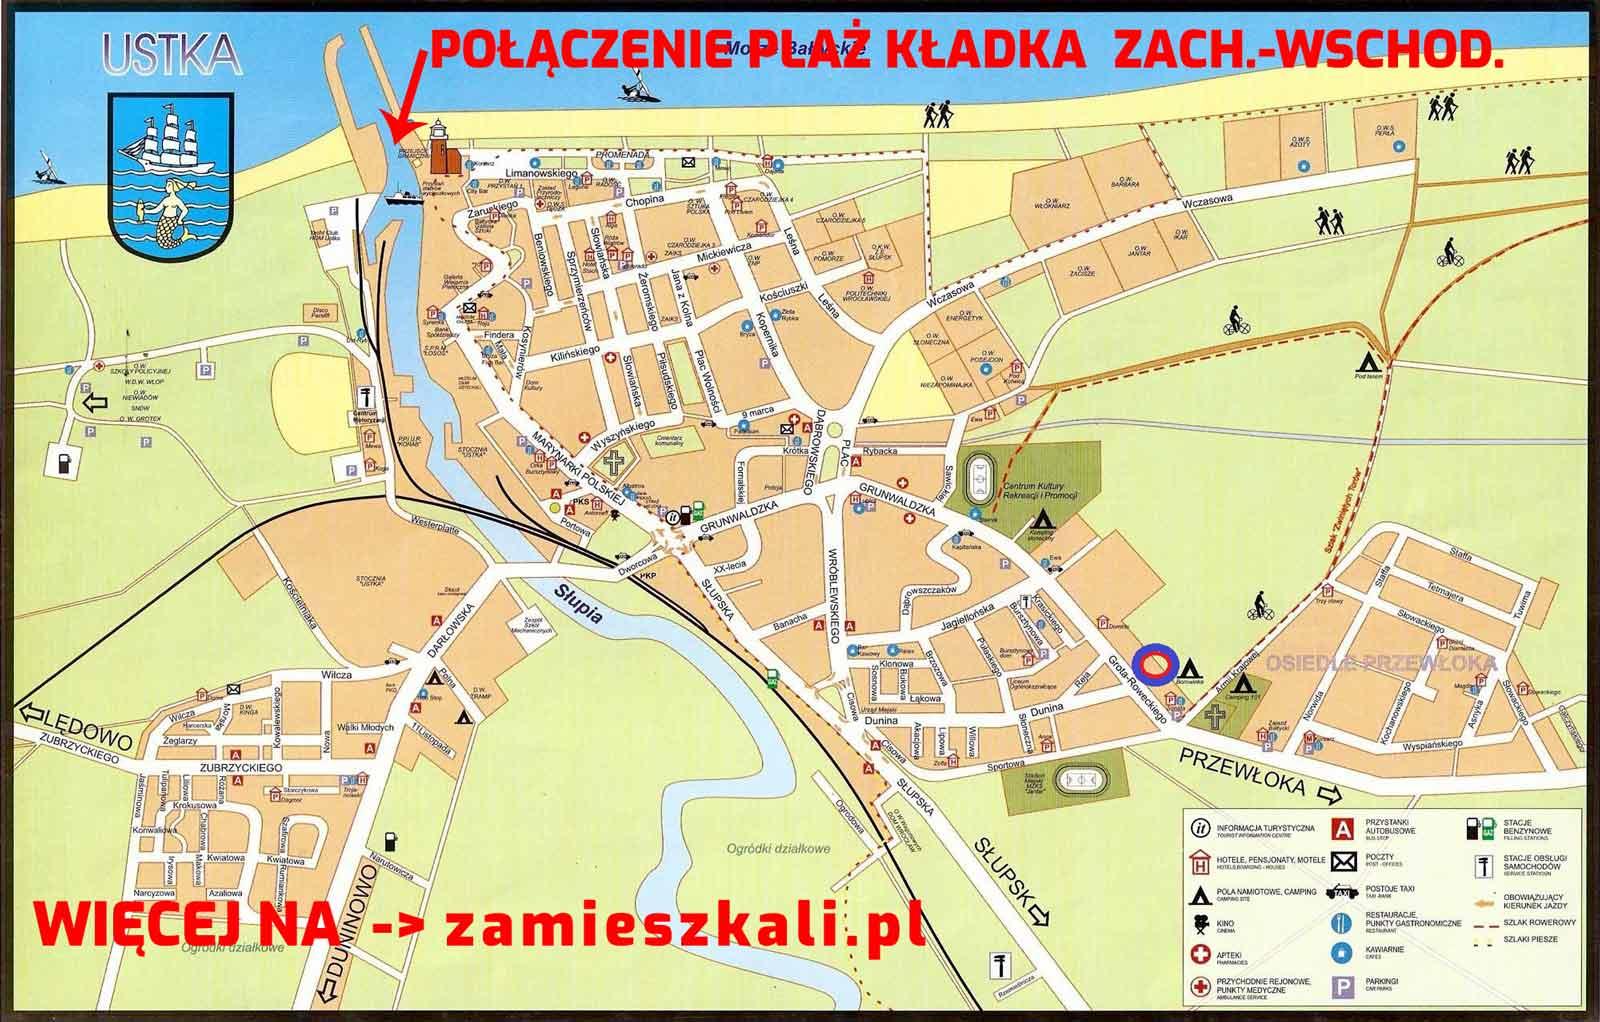 Mapa Ustka - zamieszkali.pl - połączenie plaży wschodniej i zachodniej